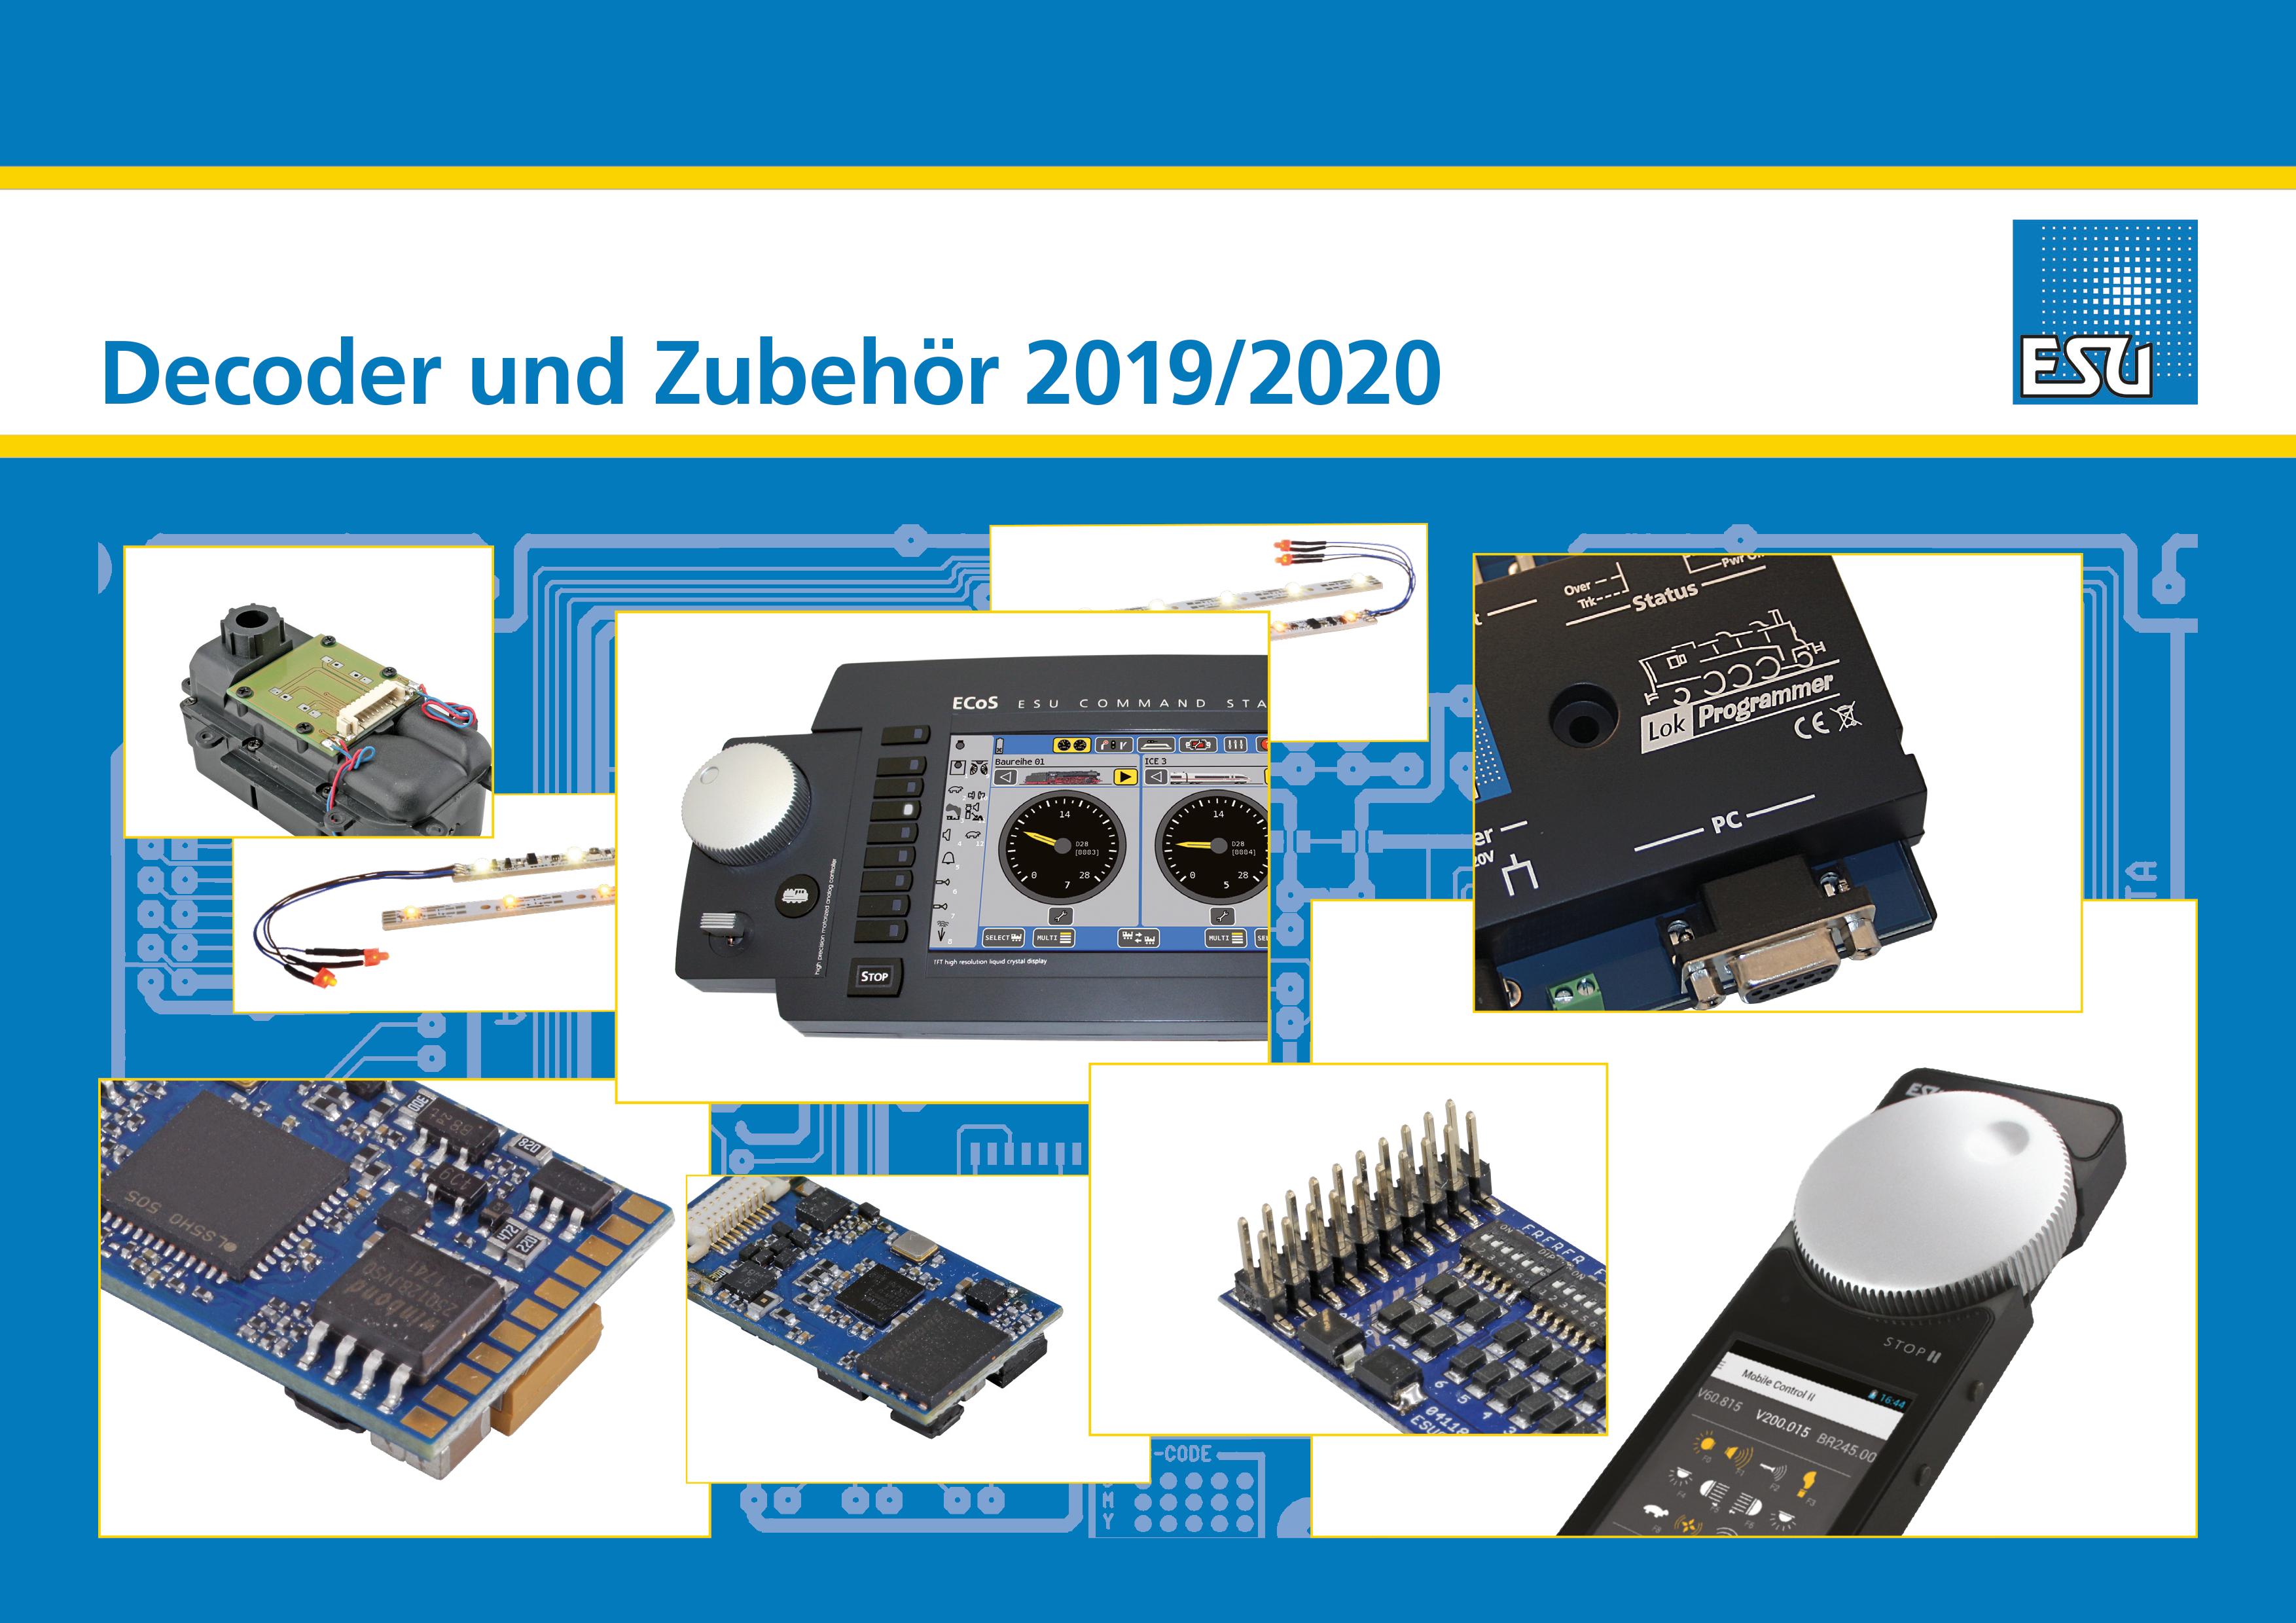 ESU-Digitalkatalog-2019-2020--1